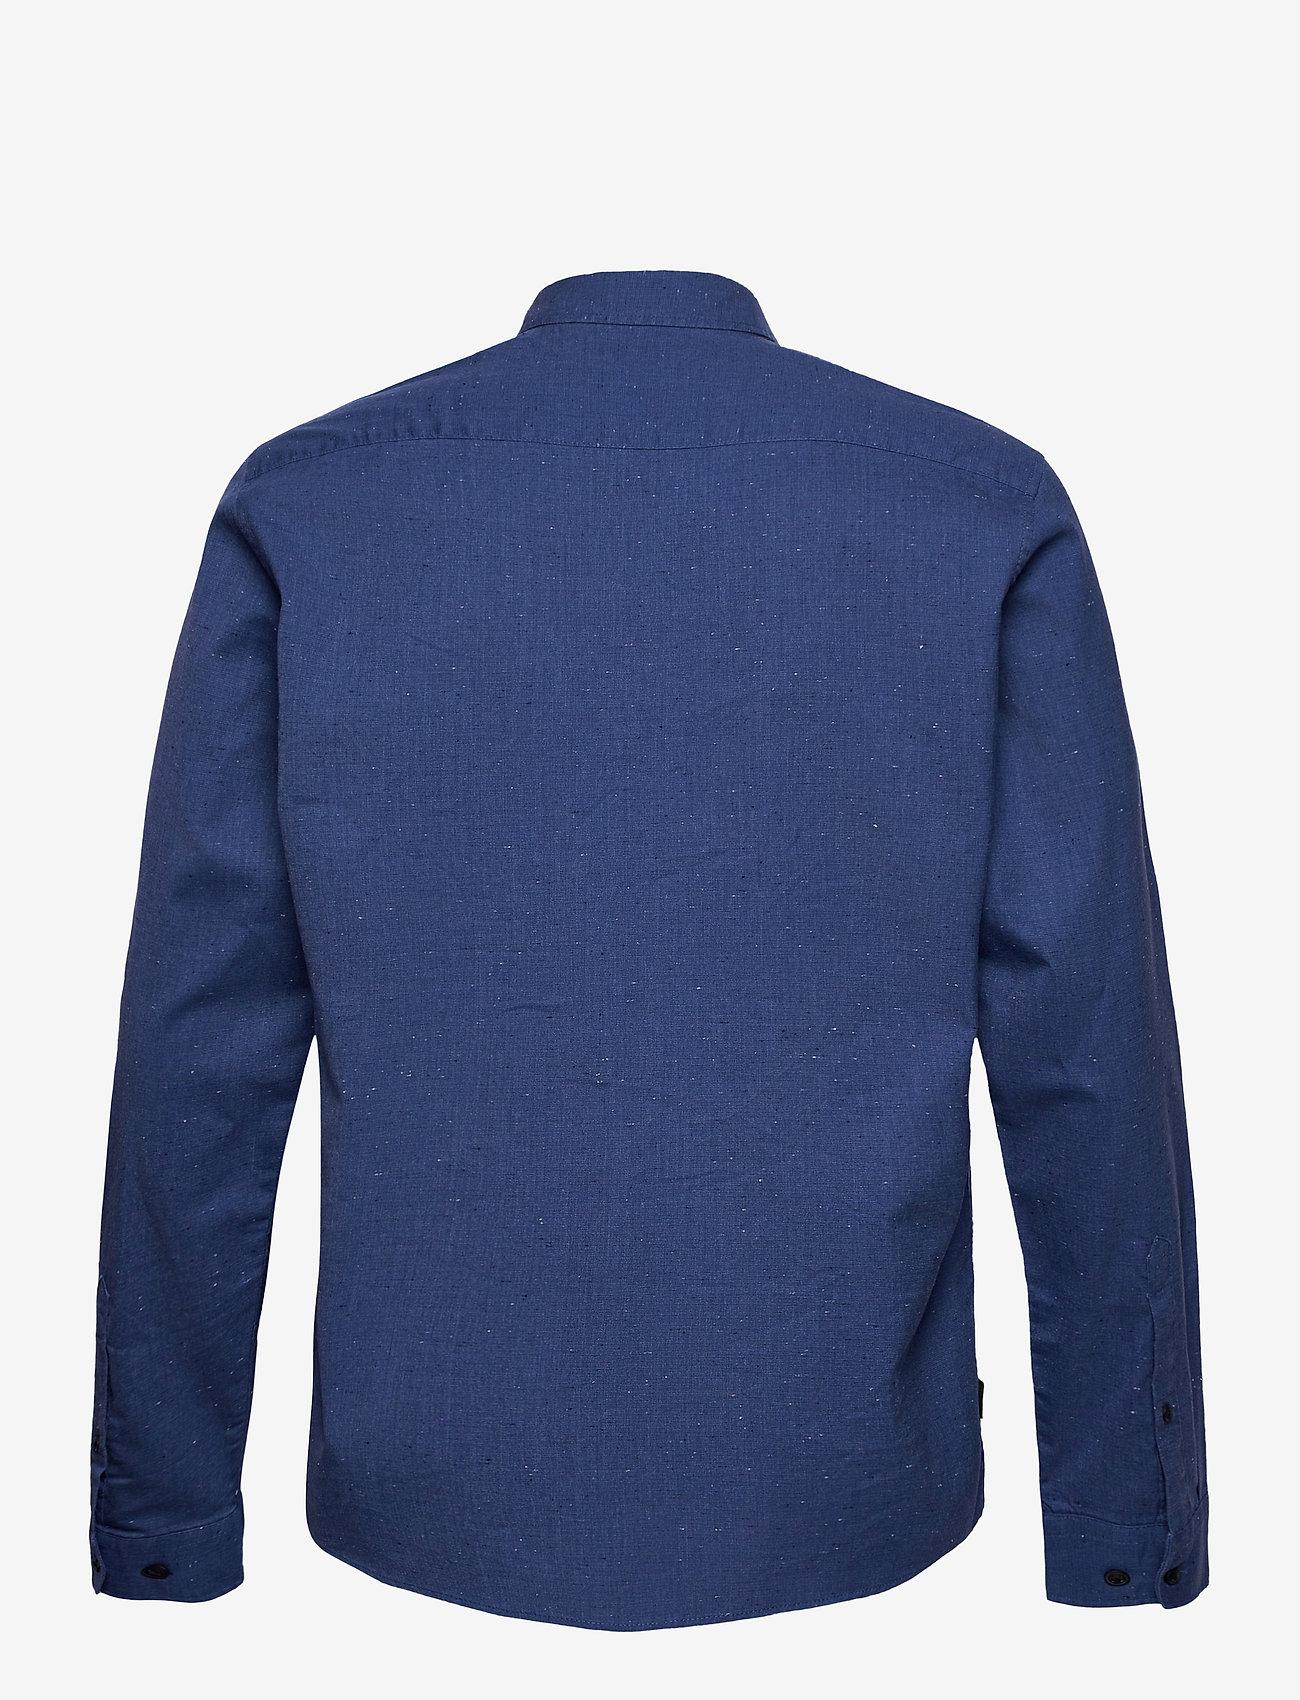 Esprit Casual - Shirts woven - chemises basiques - grey blue 5 - 1